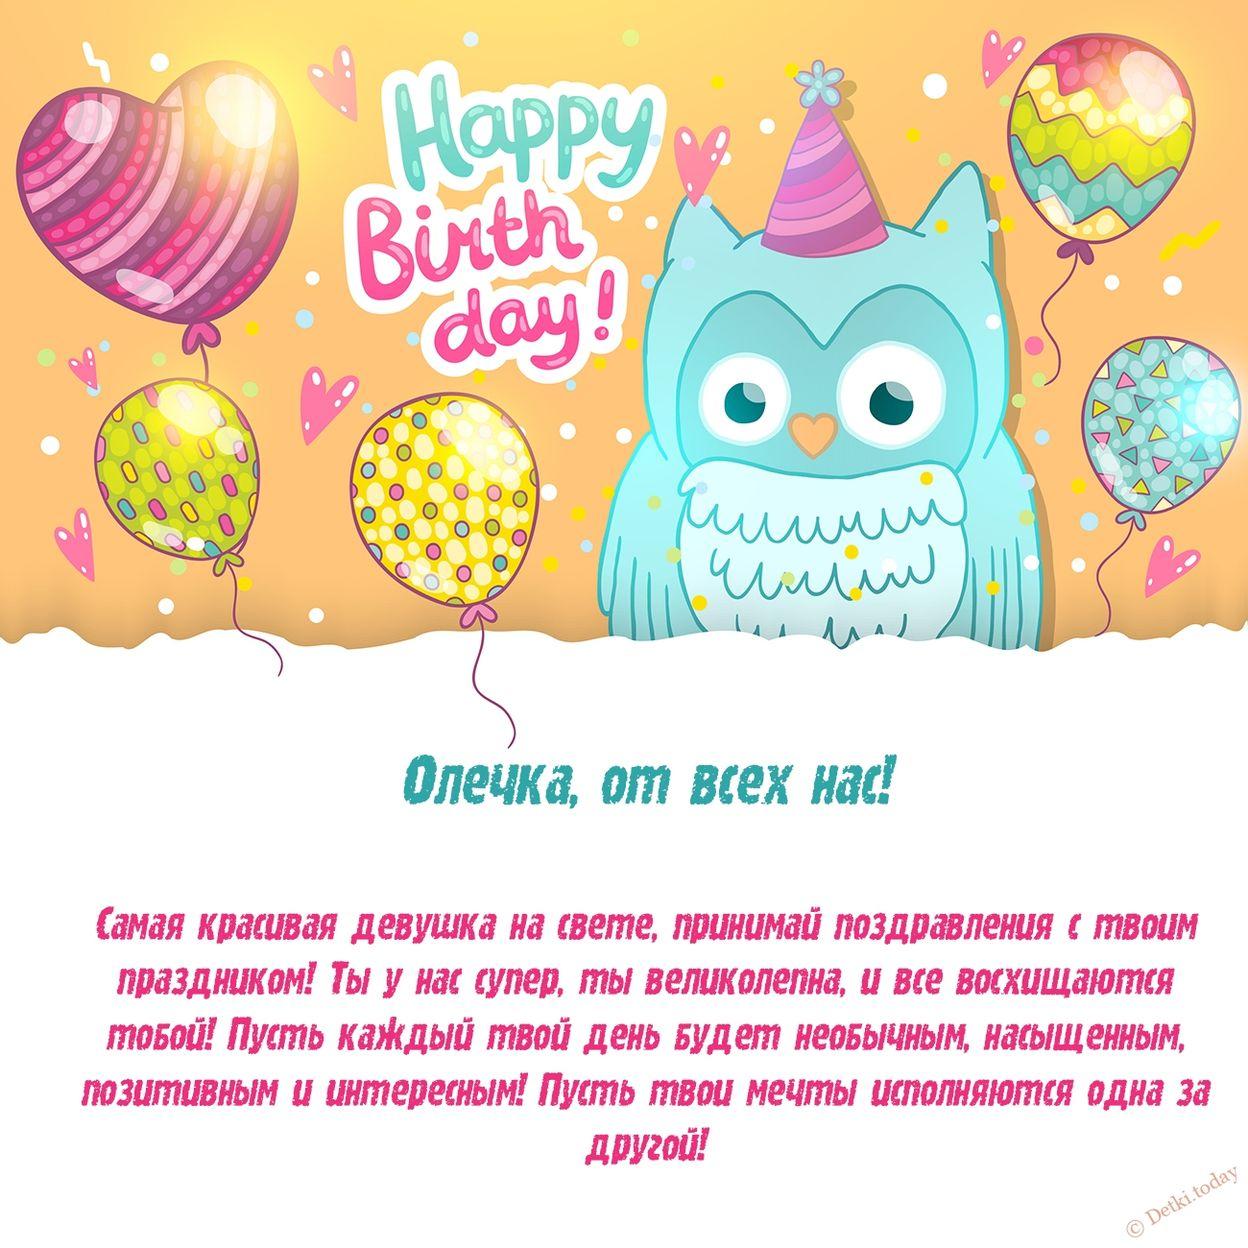 смешное поздравление с днем рождения полине открыть магазин бижутерии